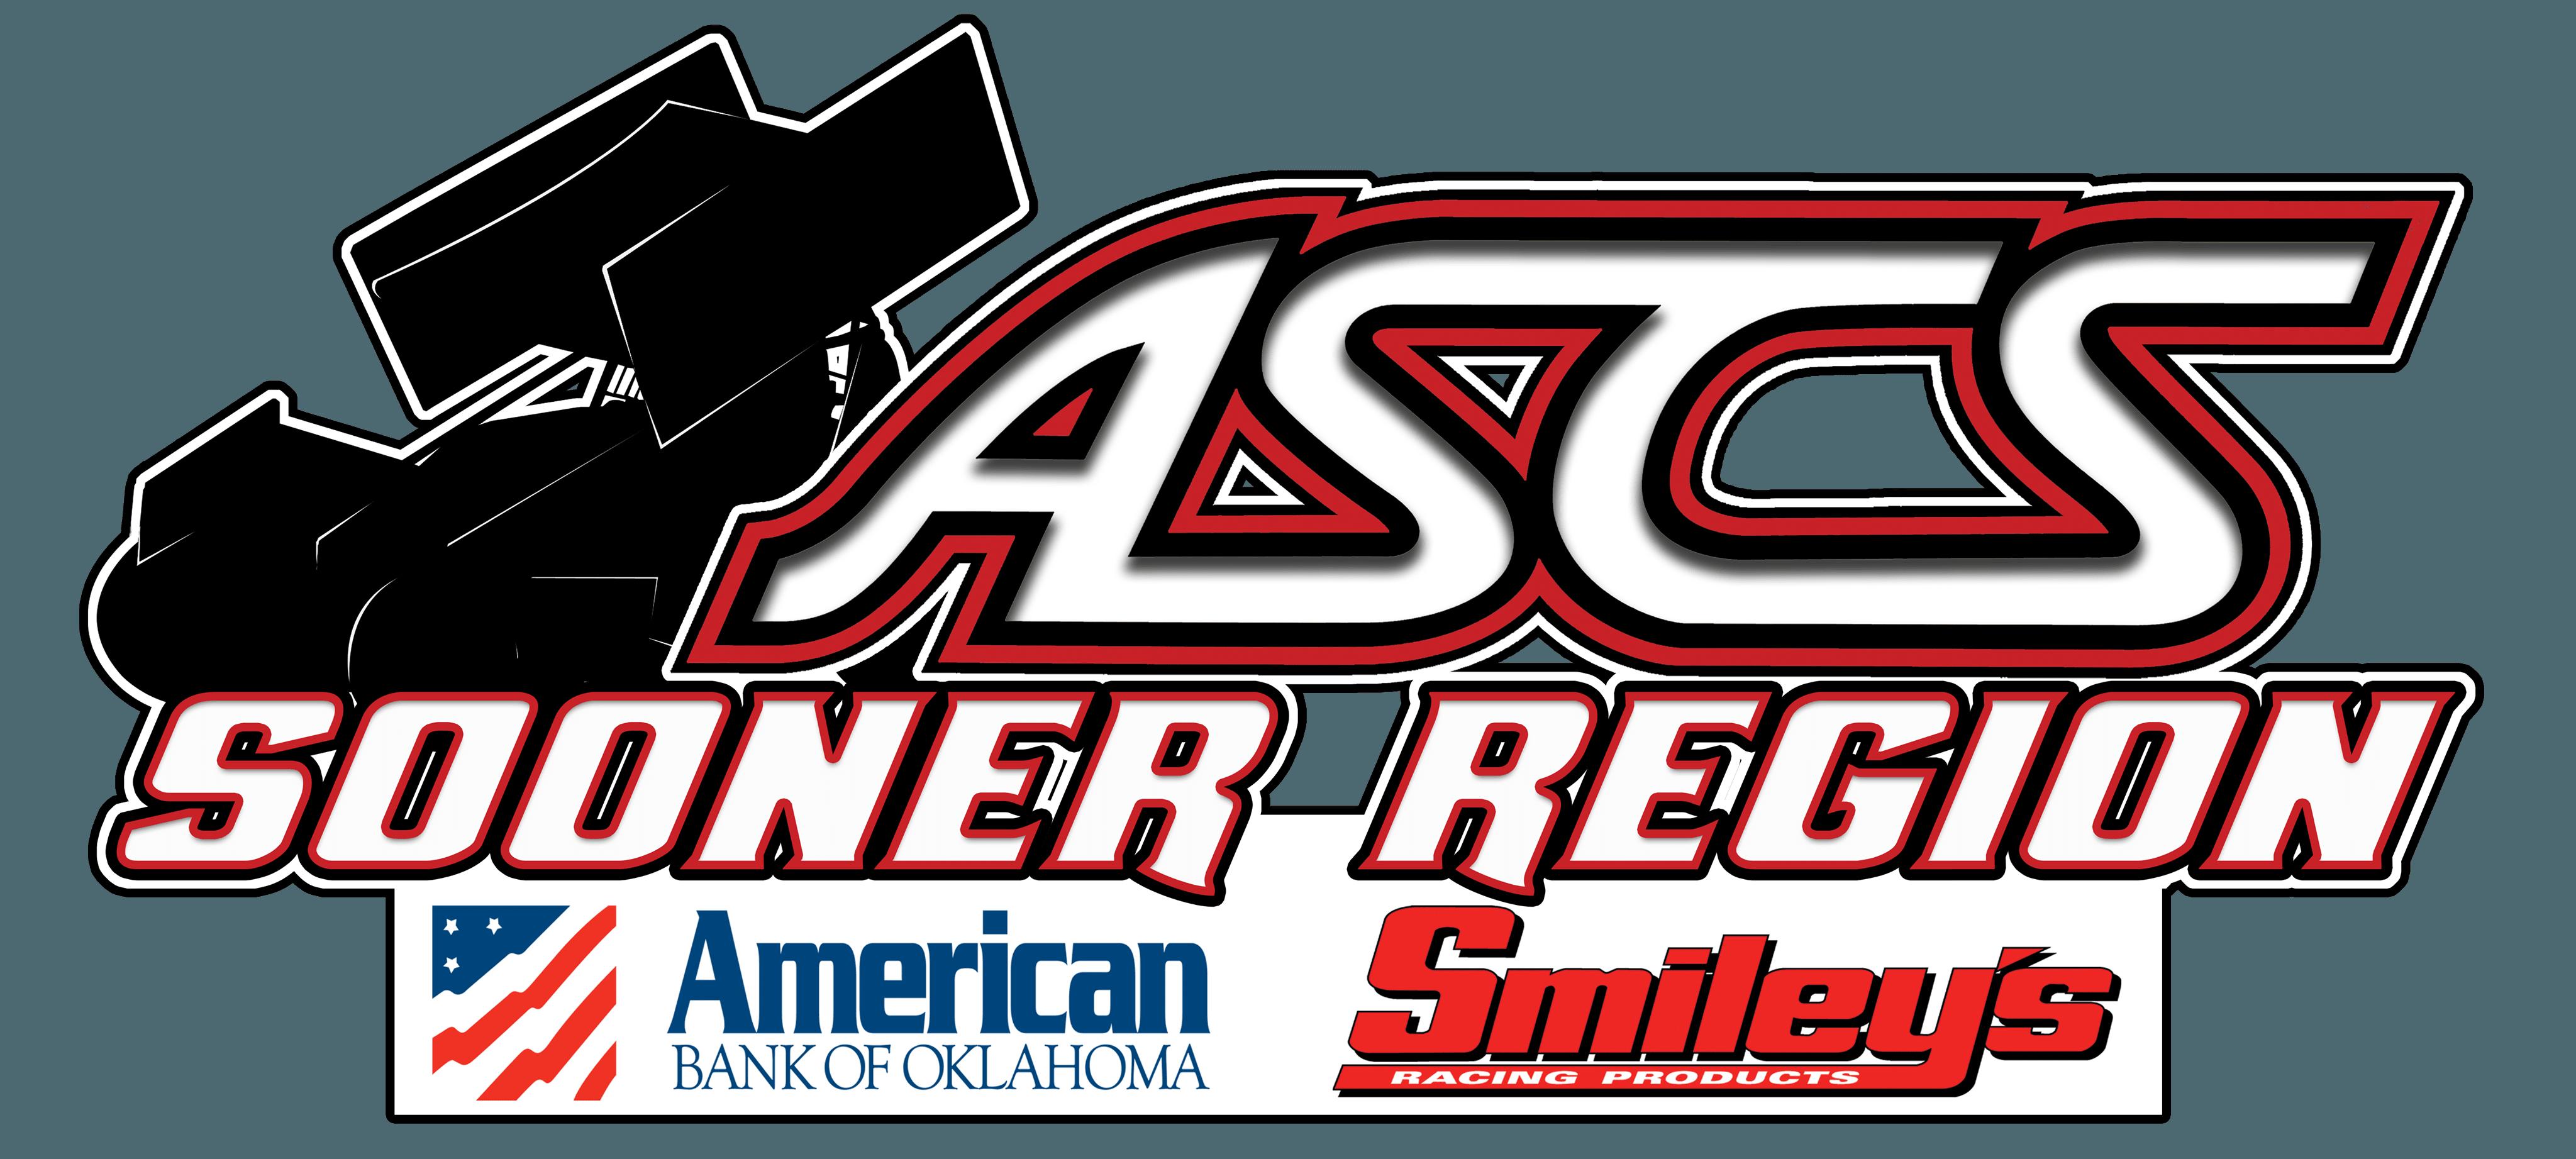 ASCS - Sooner Region